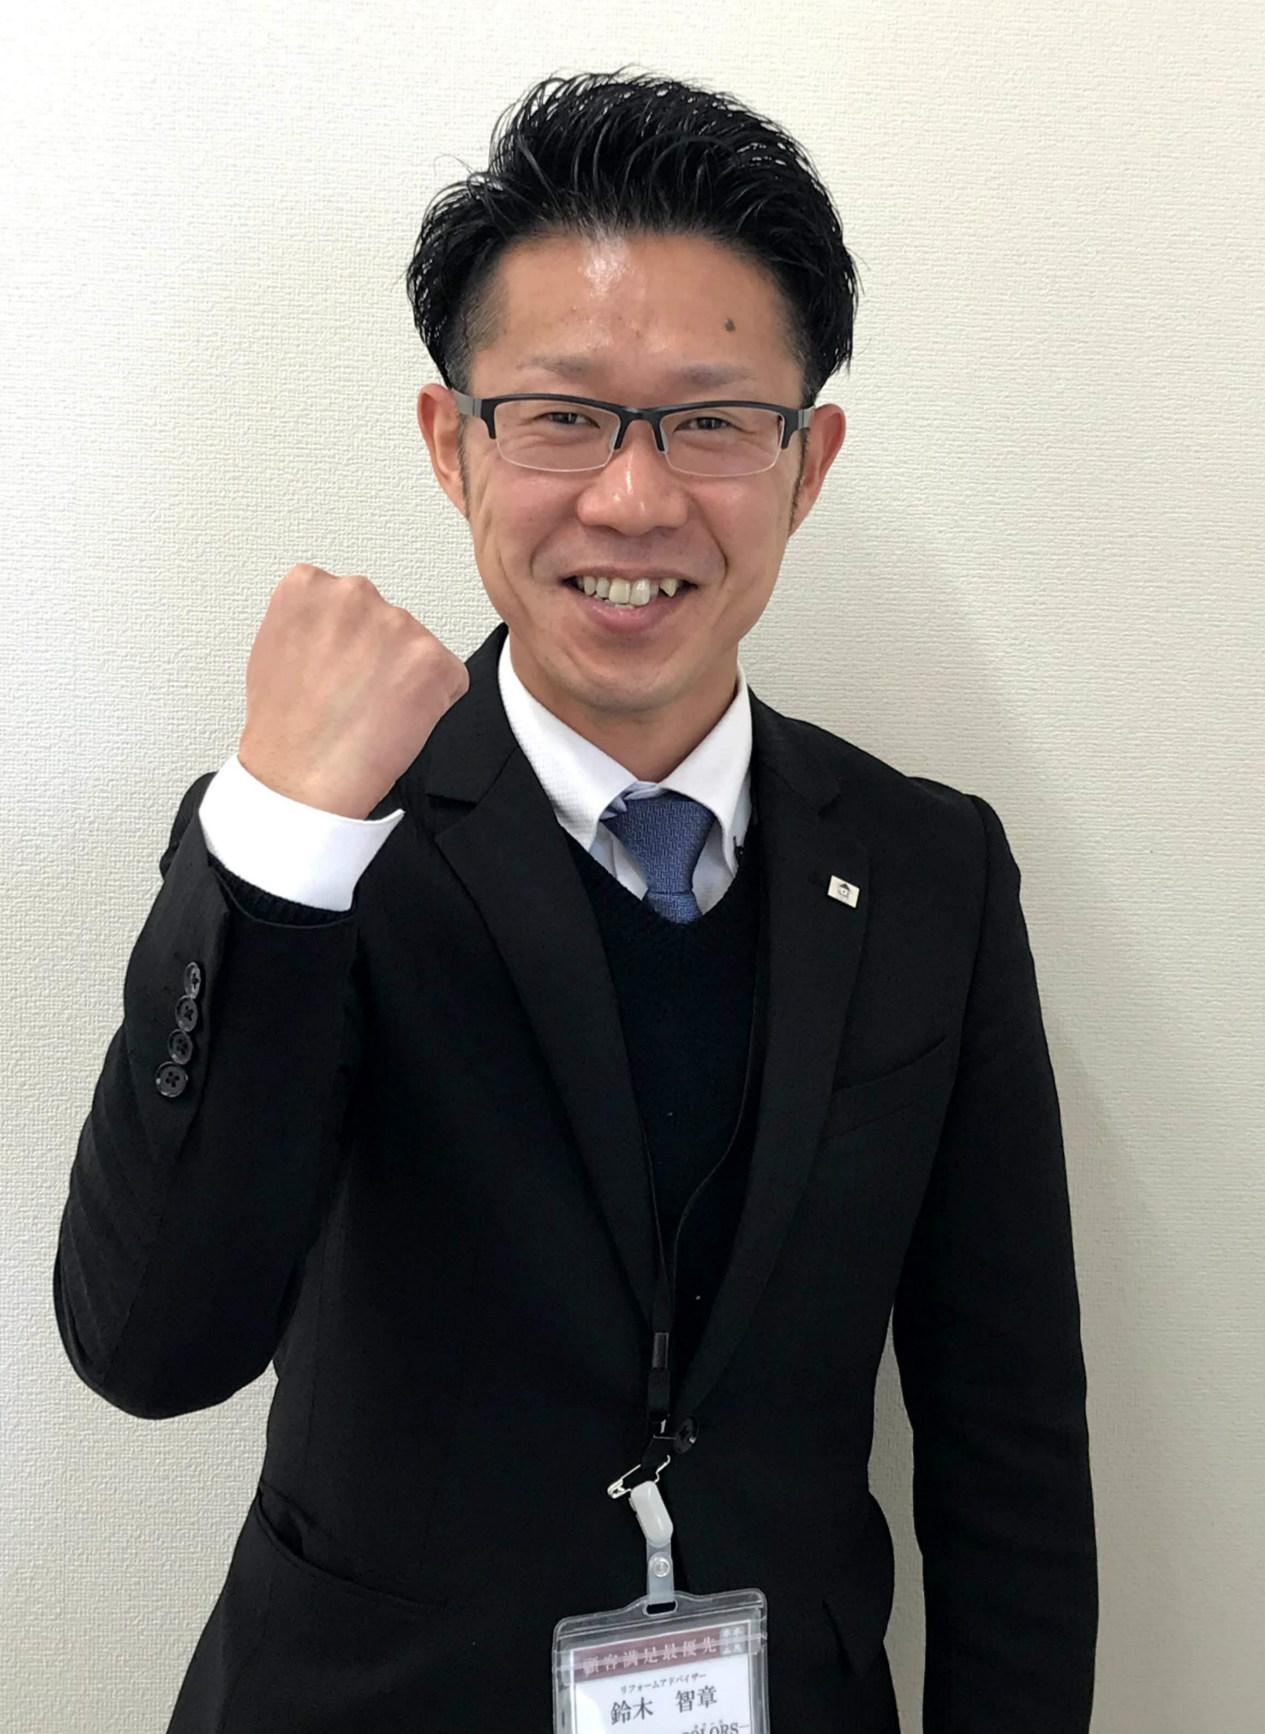 鈴木 智章